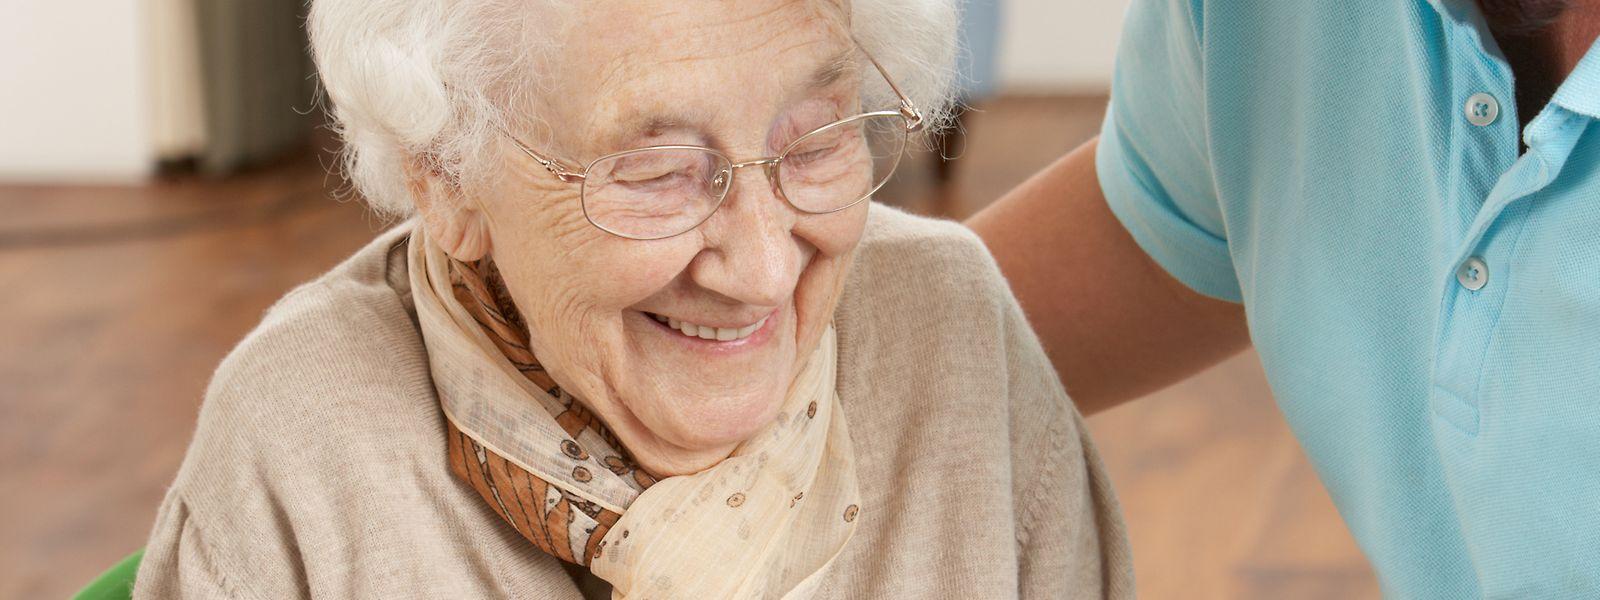 Ältere Menschen gelten weiterhin als Risikopatienten.